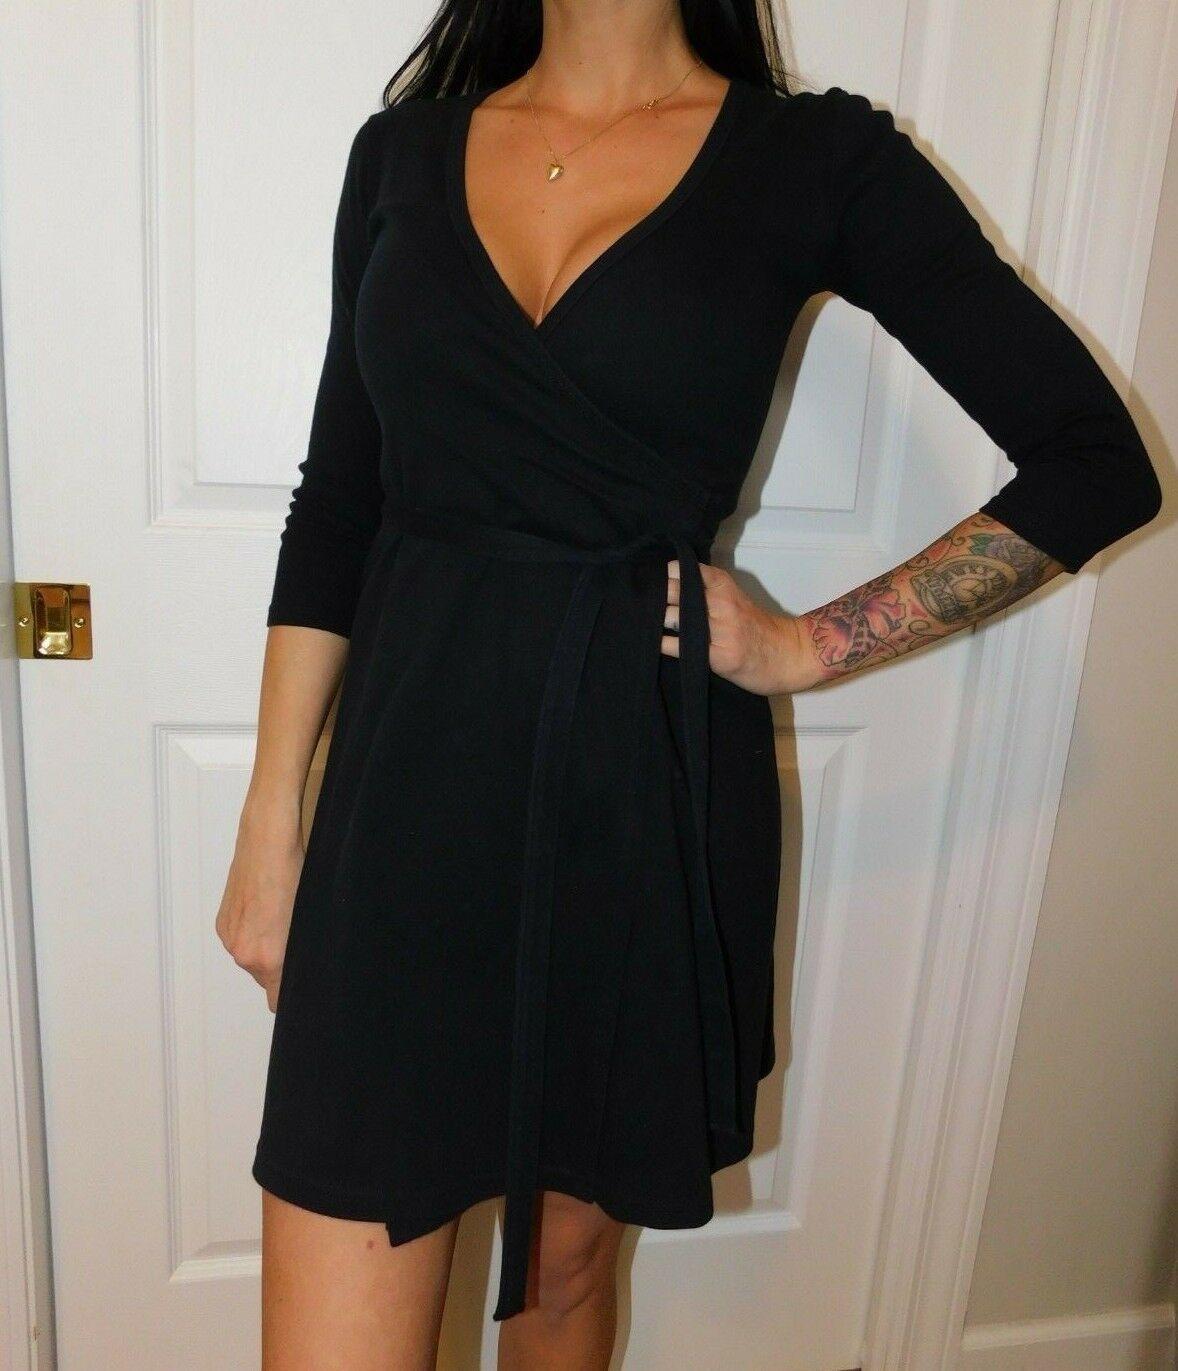 AMERICAN APPAREL Women's Black Wrap Dress Size US XS